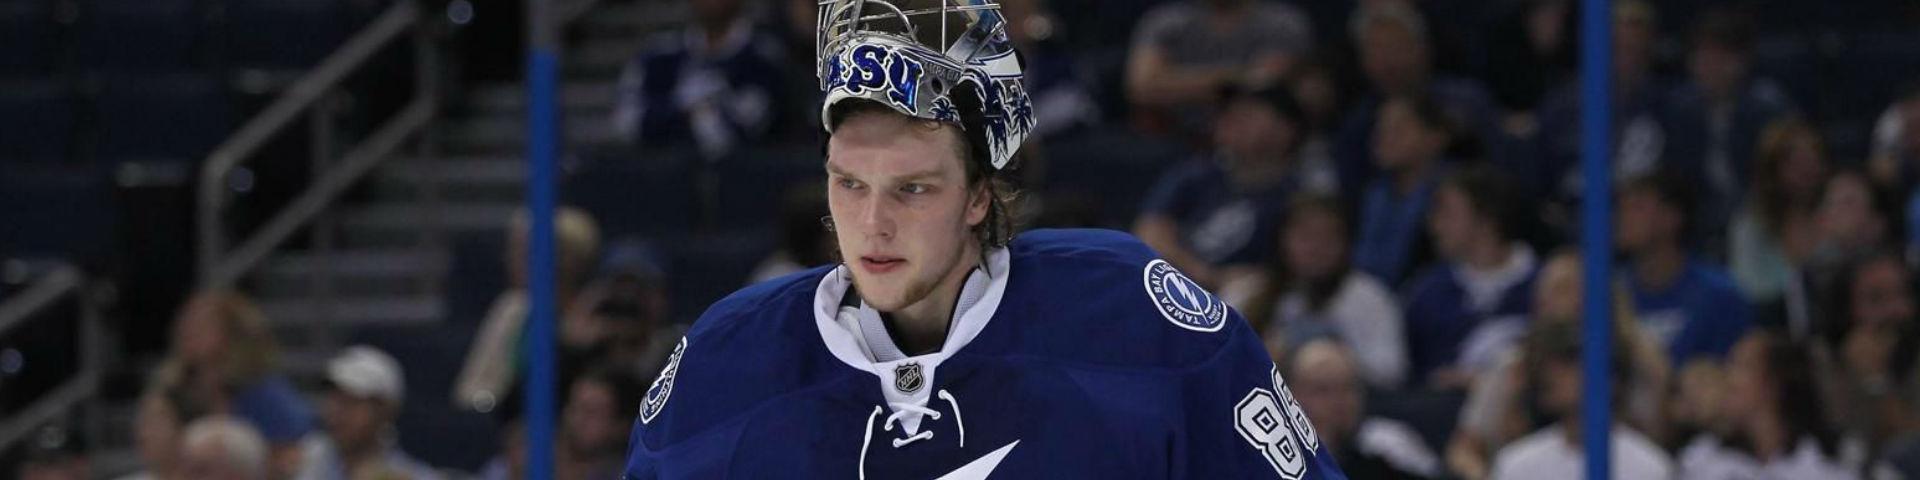 Василевский сыграет в Матче всех звезд НХЛ